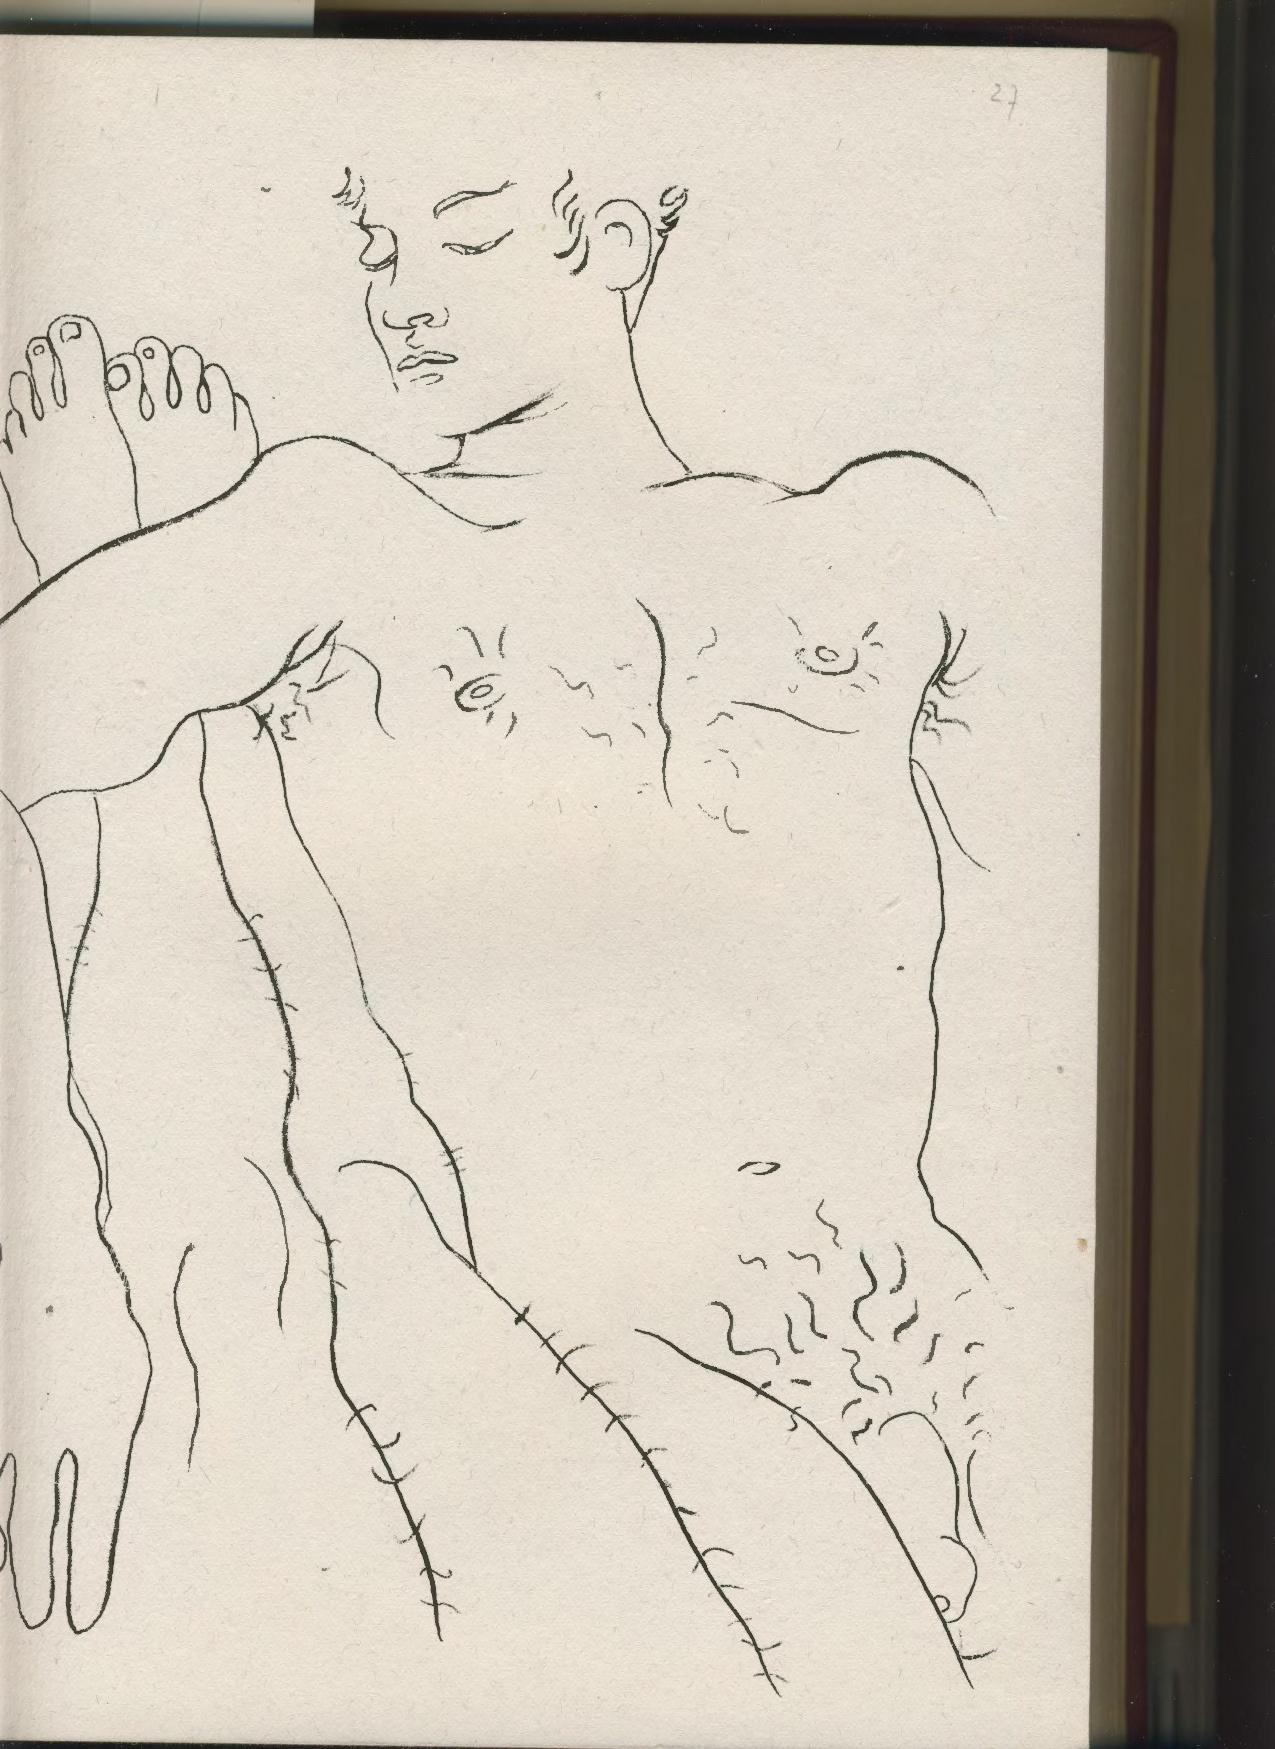 <em>Querelle de Brest</em> by Jean Genet and Jean Cocteau (1947)